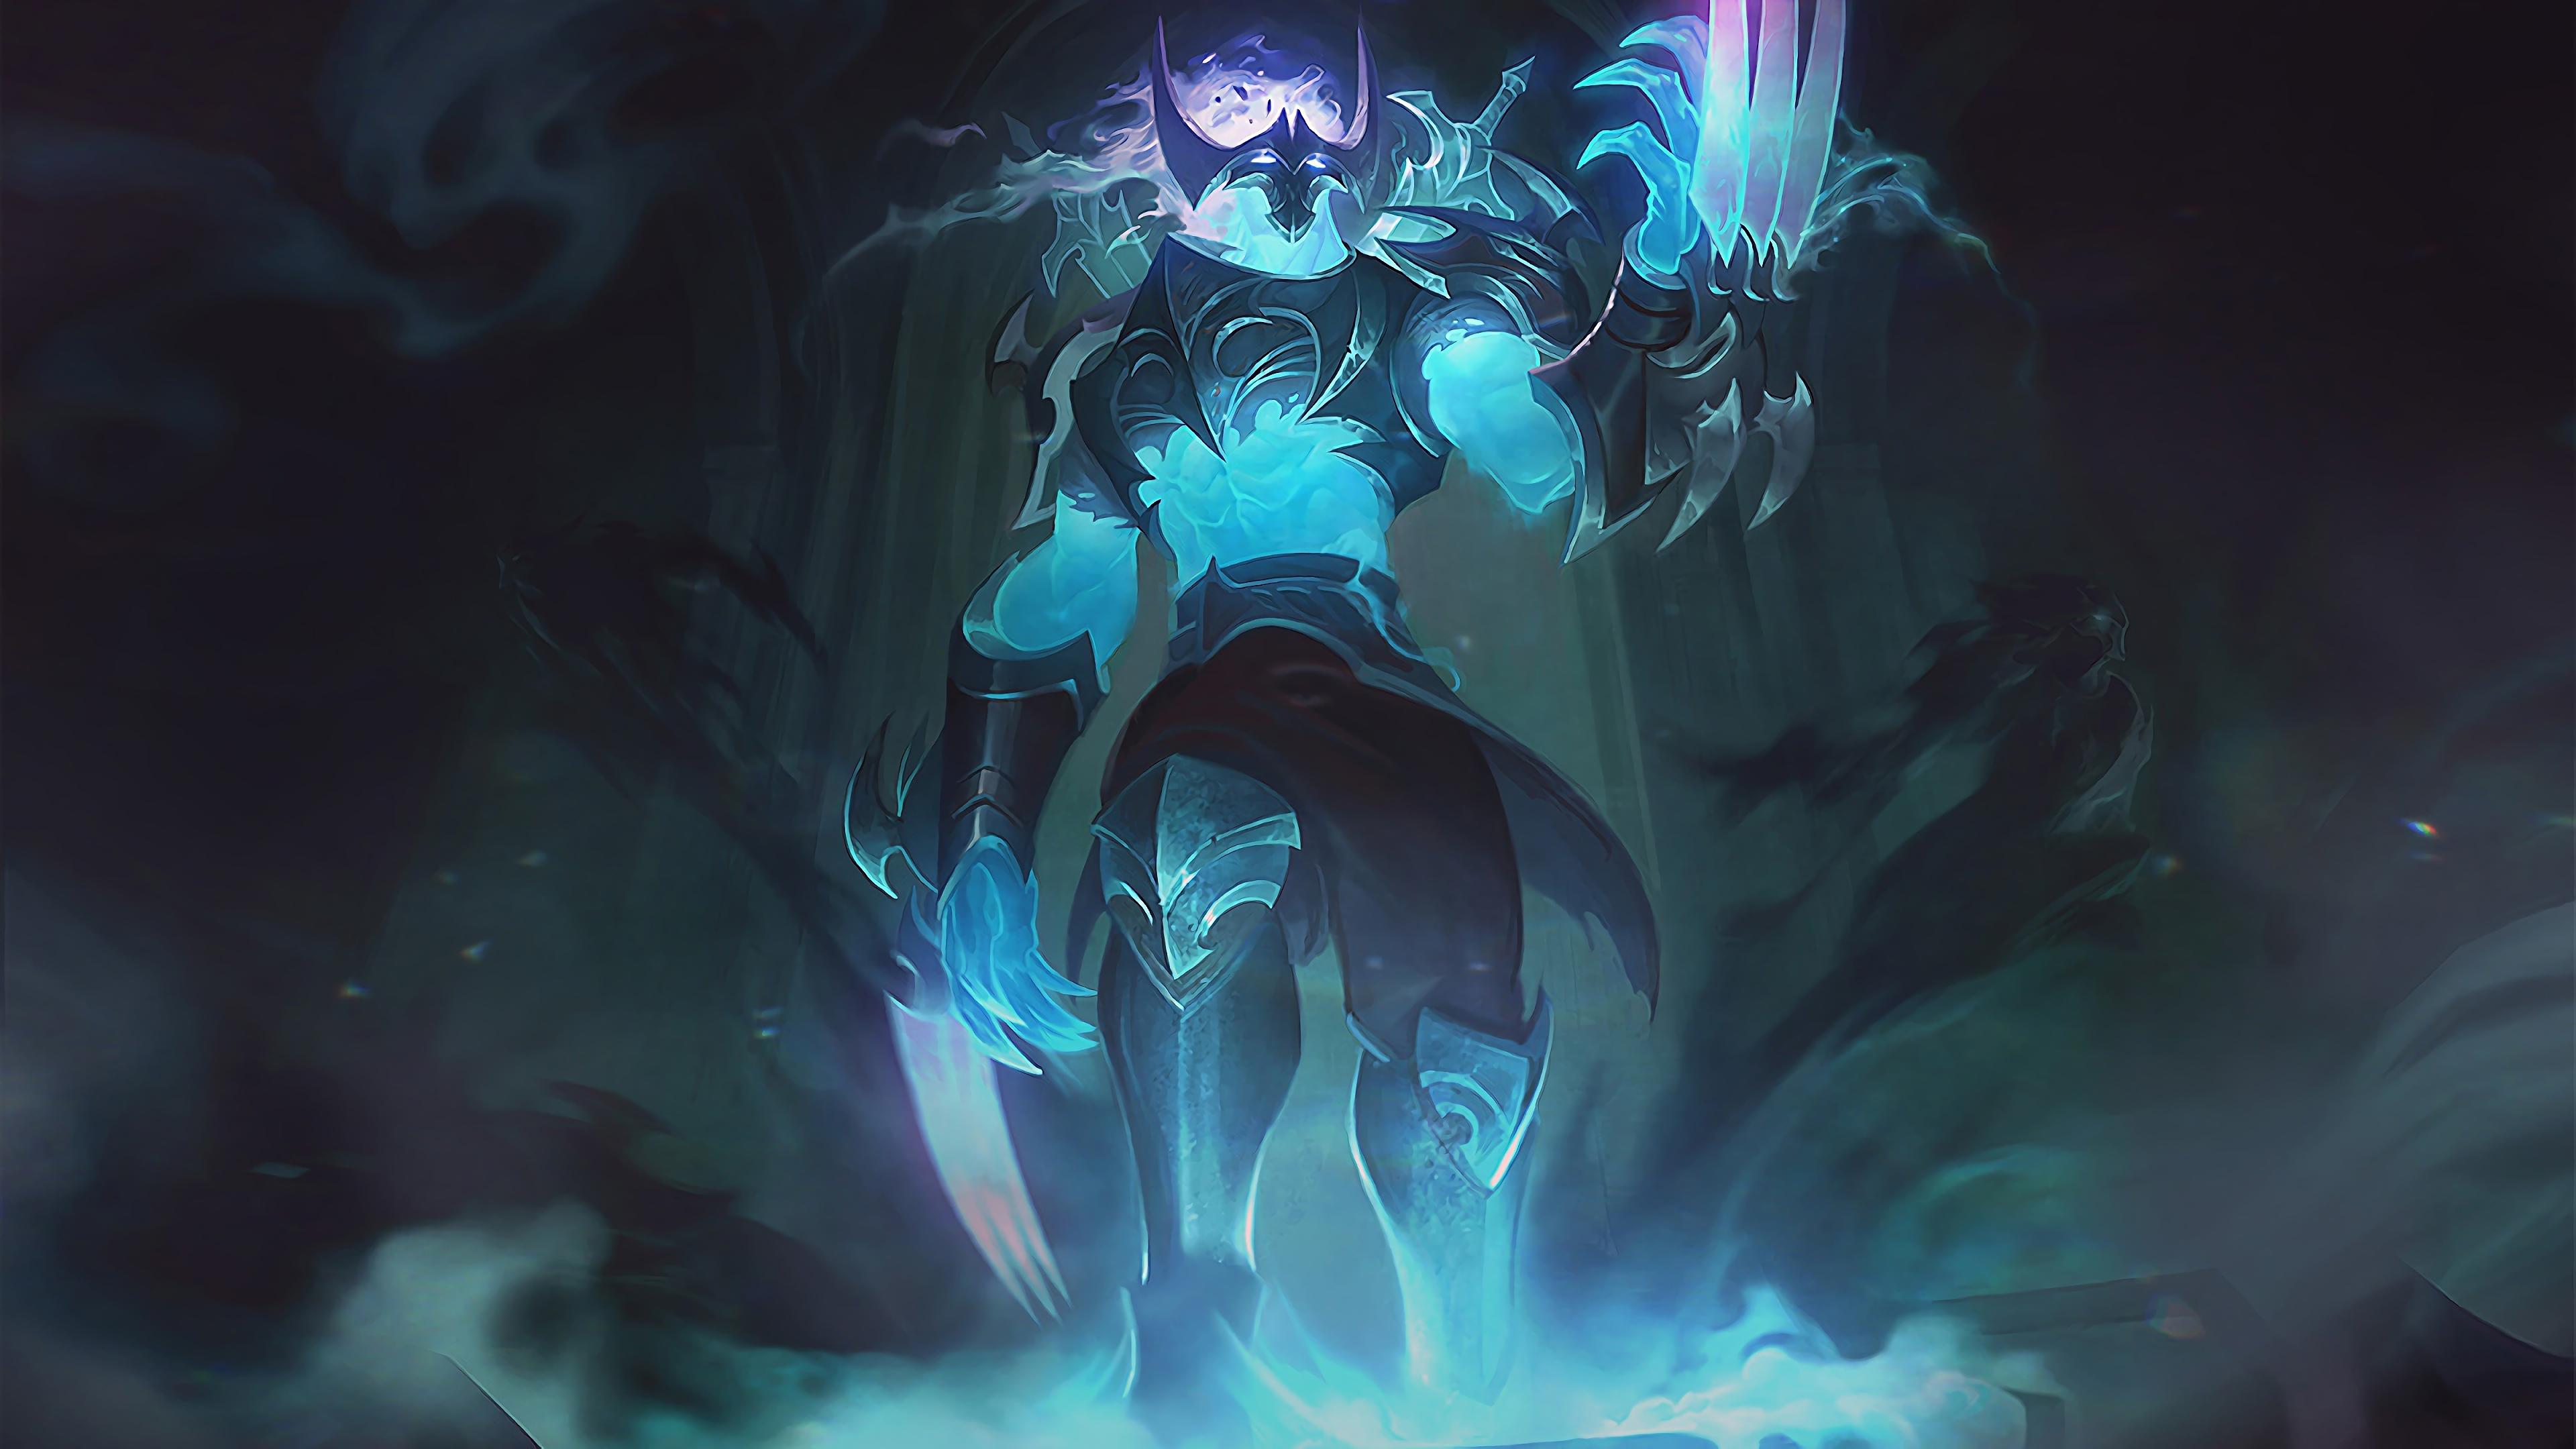 Wallpaper 4k Death Sworn Zed Lol Splash Art League Of Legends League Of Legends Zed